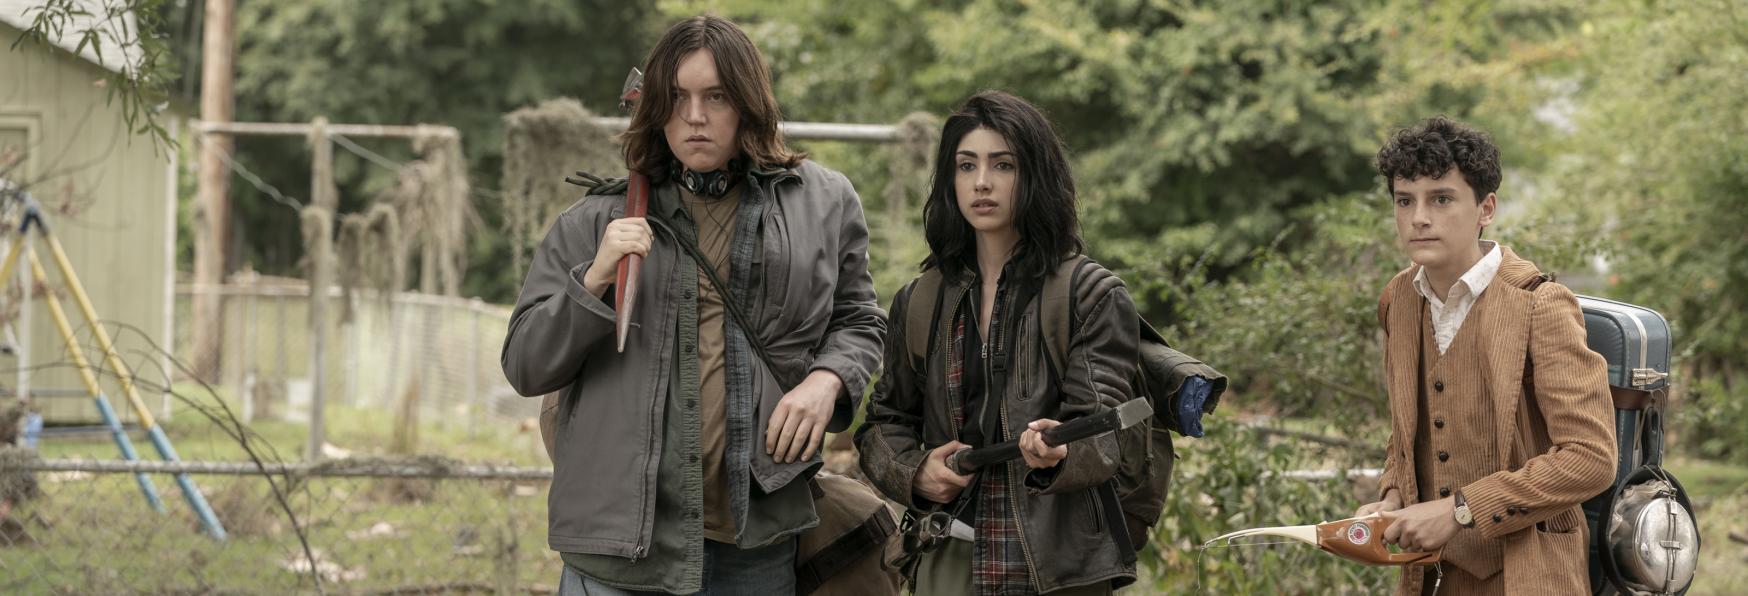 The Walking Dead: World Beyond 2 - Robert Palmer Watkins tornerà nella prossima Stagione con un Ruolo Ricorrente